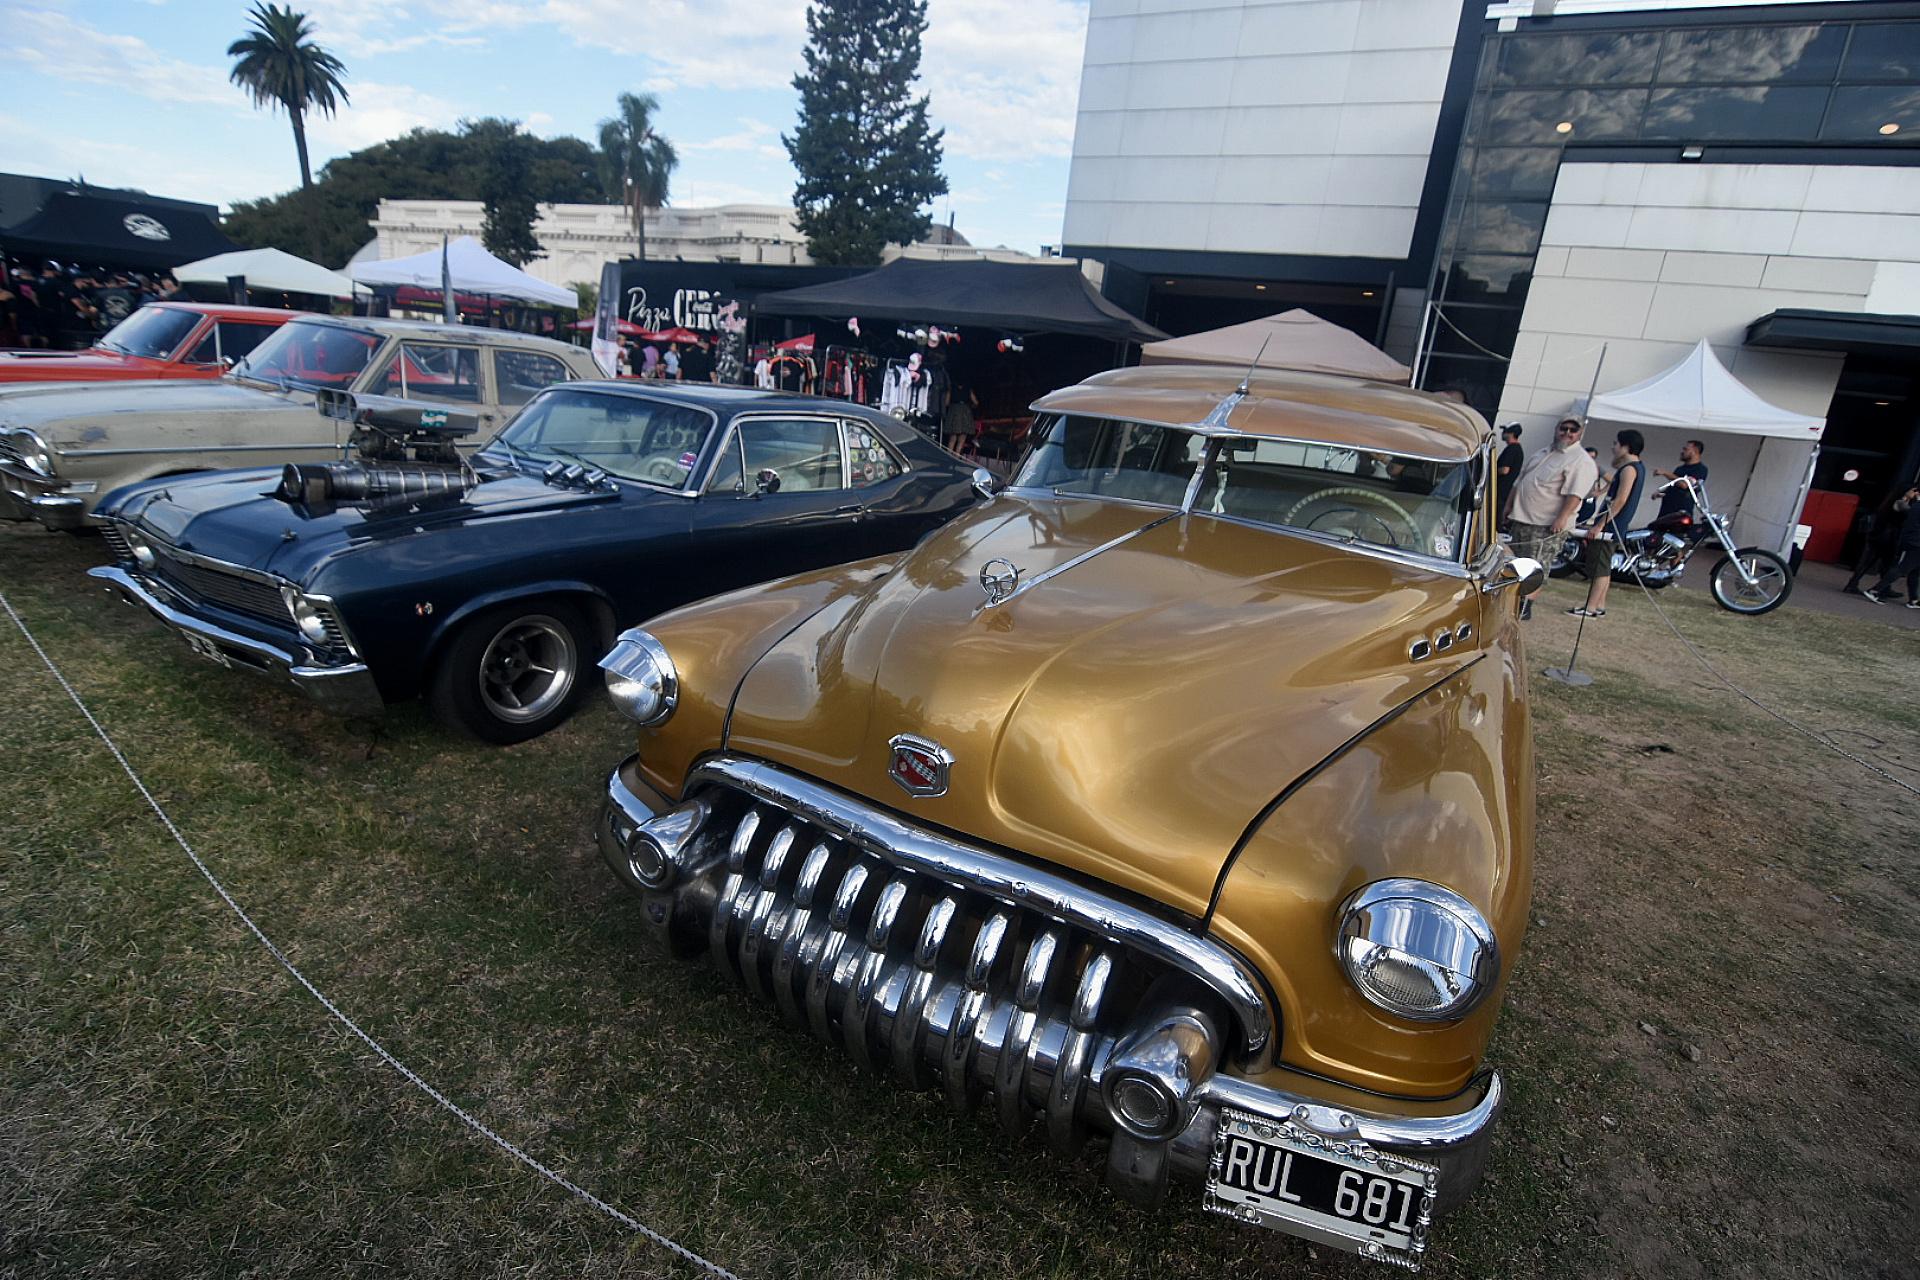 Entre las exhibiciones al aire libre están las colecciones de autos clásicos